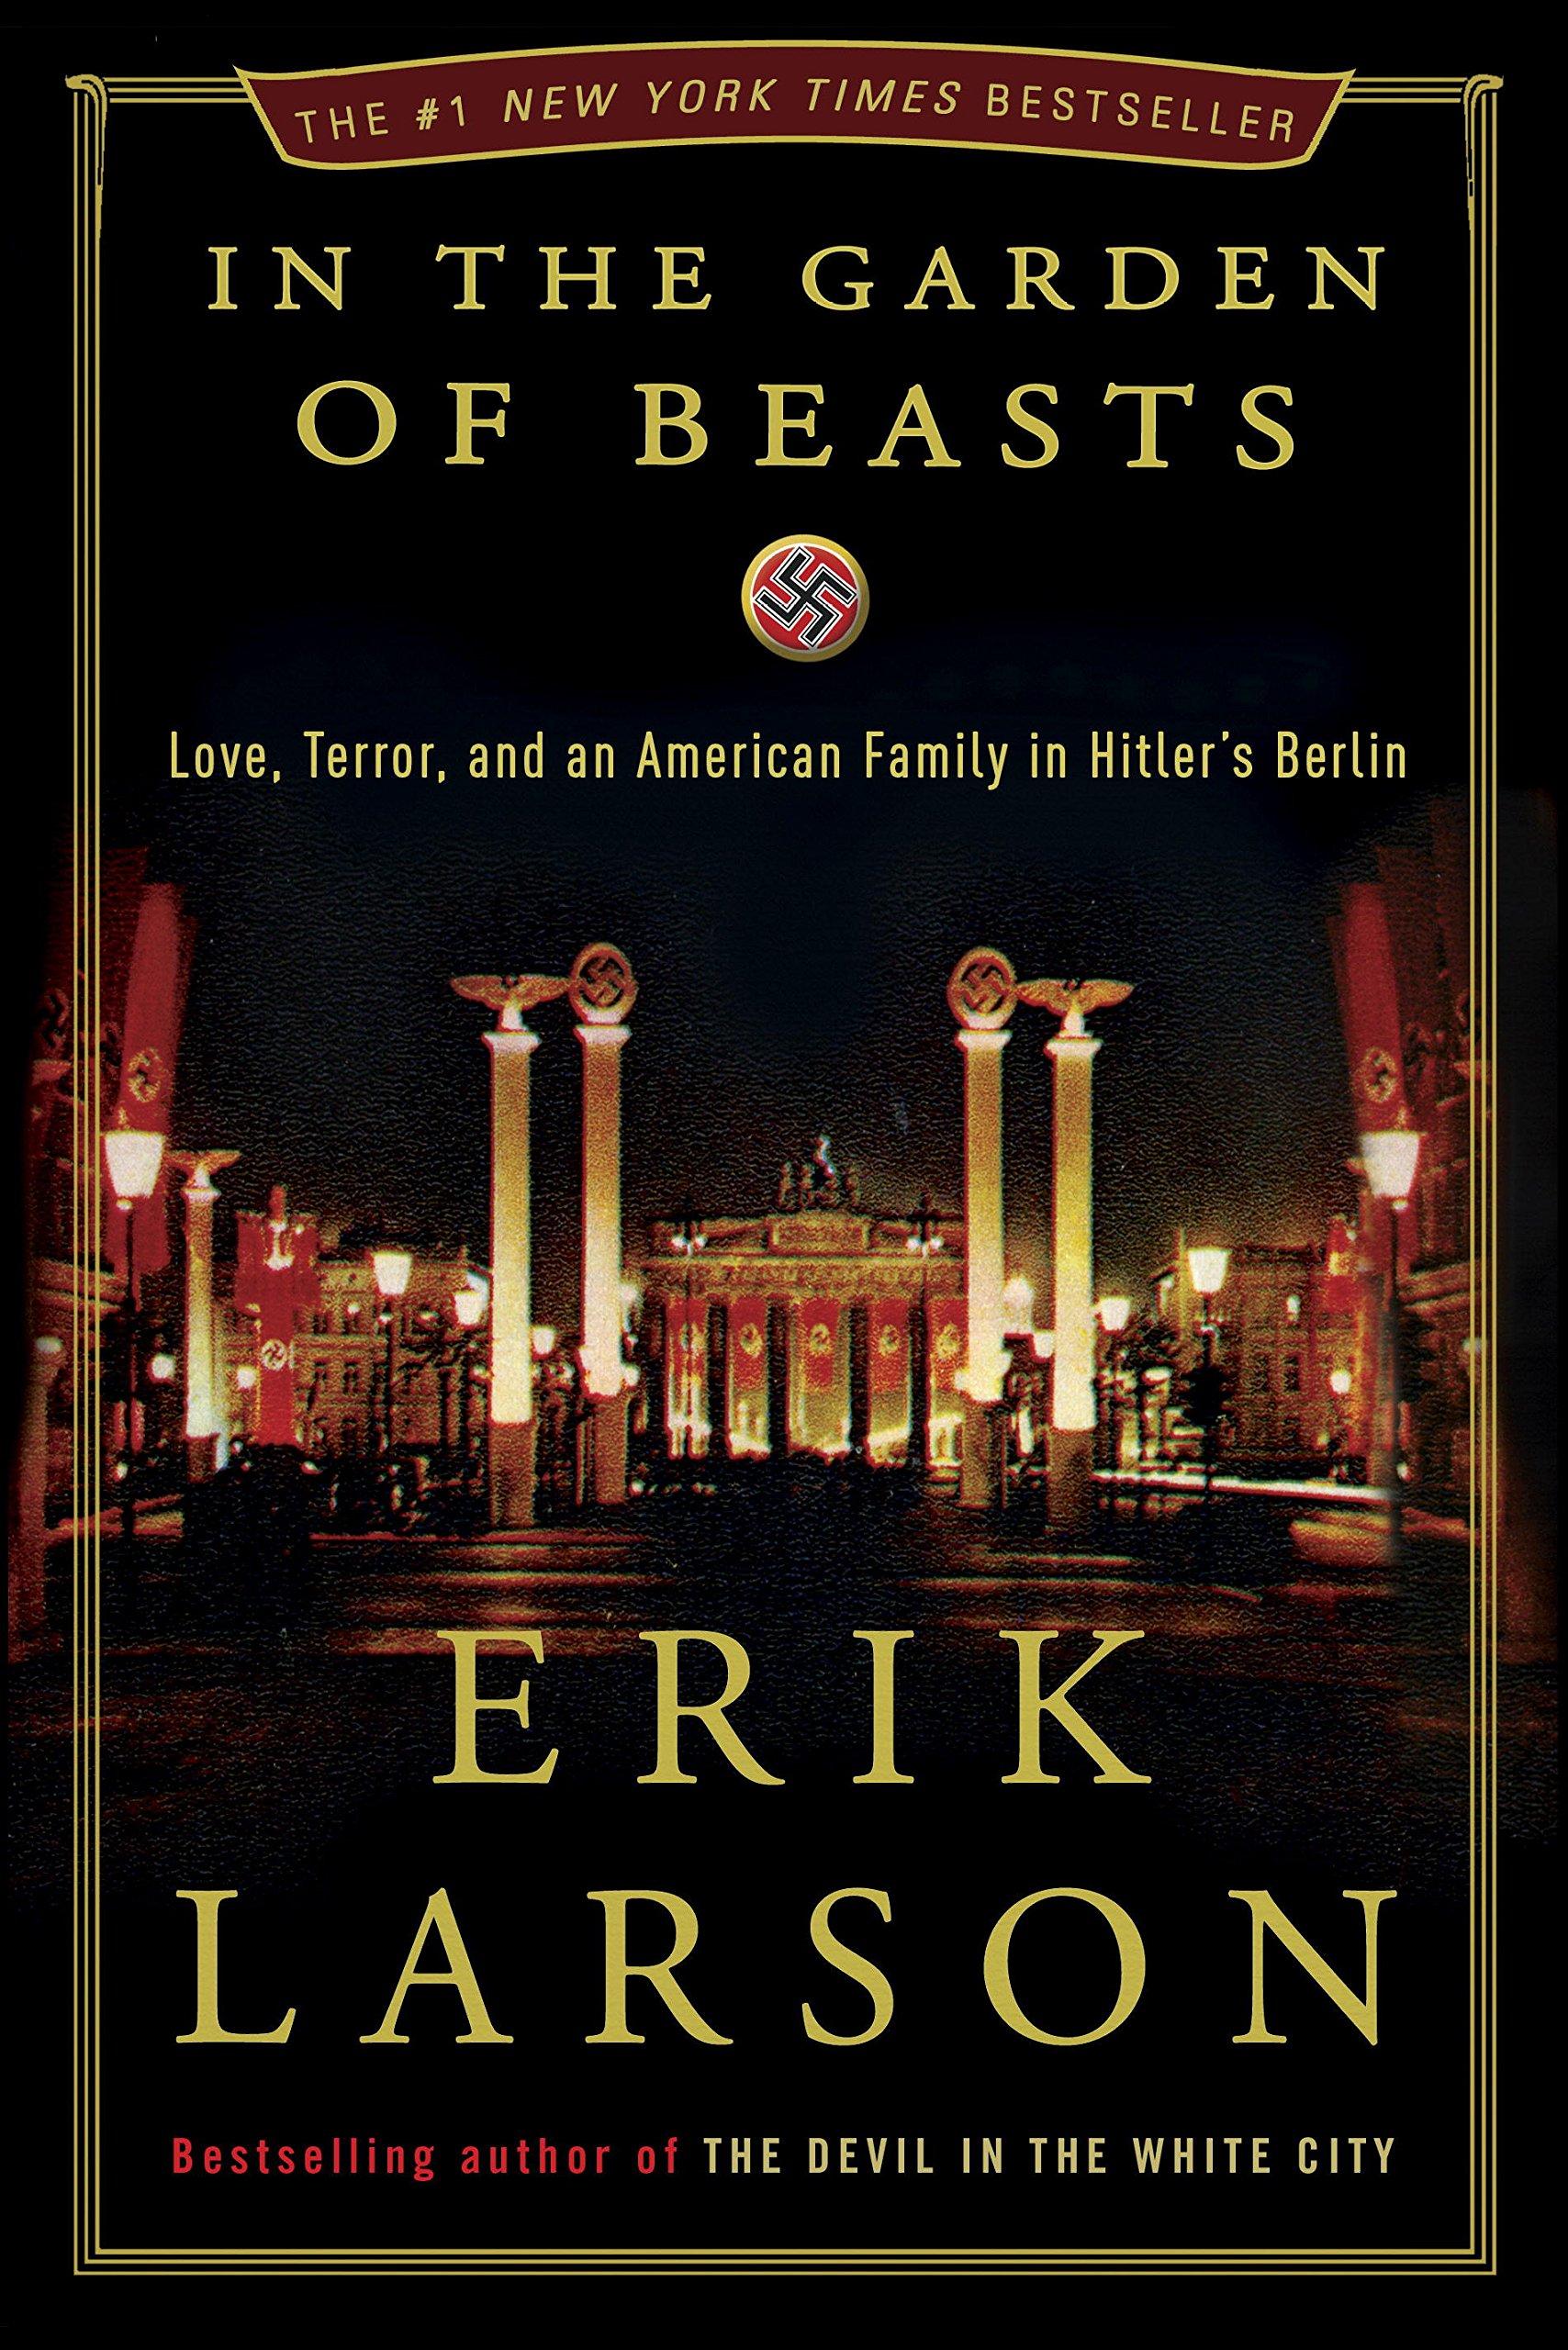 In the Garden of Beasts: Love, Terror, and an American Family in Hitler's Berlin, by Erik Larsen